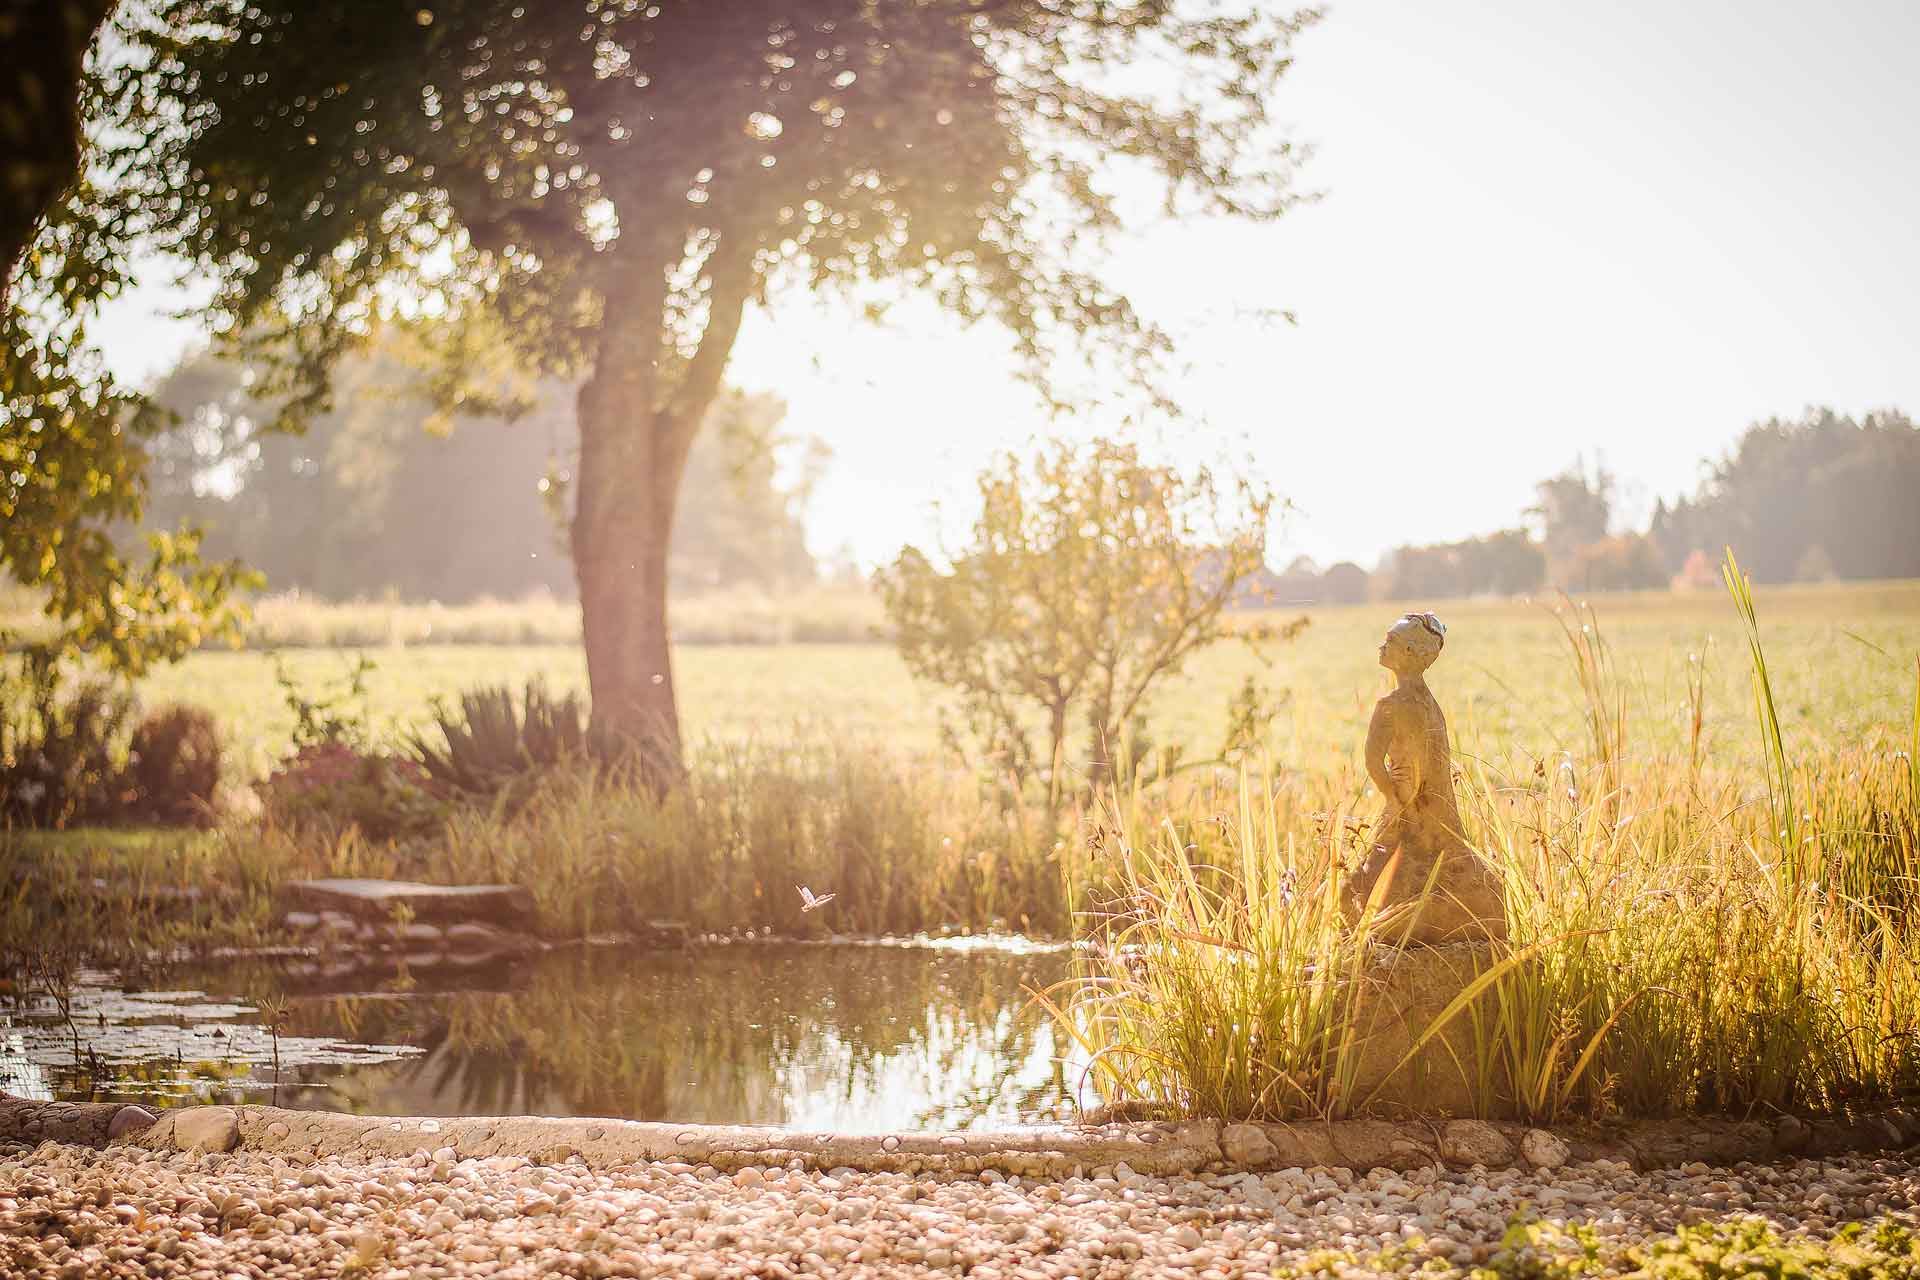 Das Bild zeigt eine von Muna modellierte Statue und im Hintergrund den Teich und den einen alten Baum.